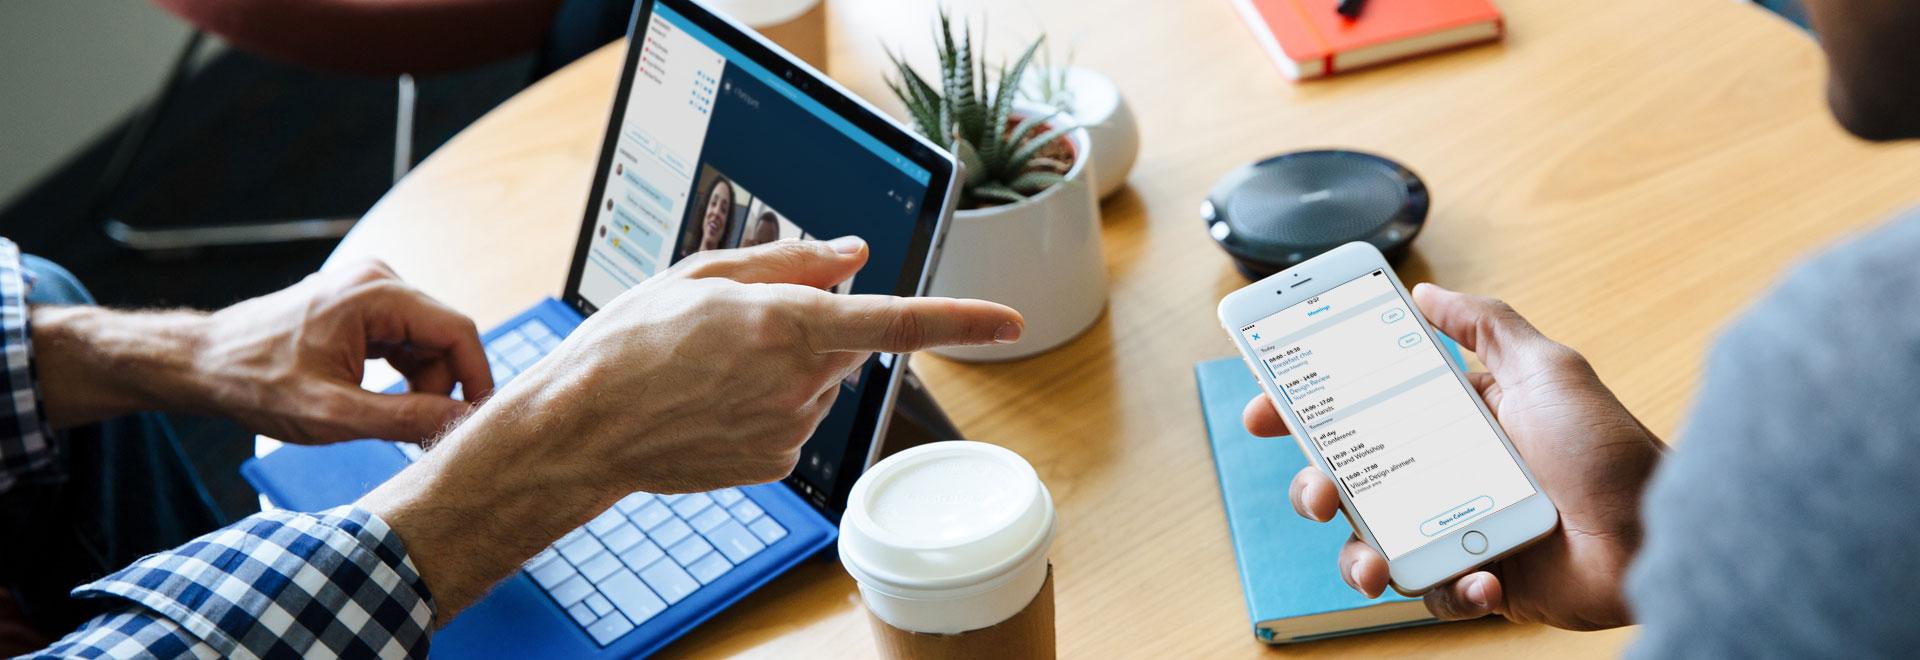 Skype entreprise sur tous vos appareils - Skype bureau ...